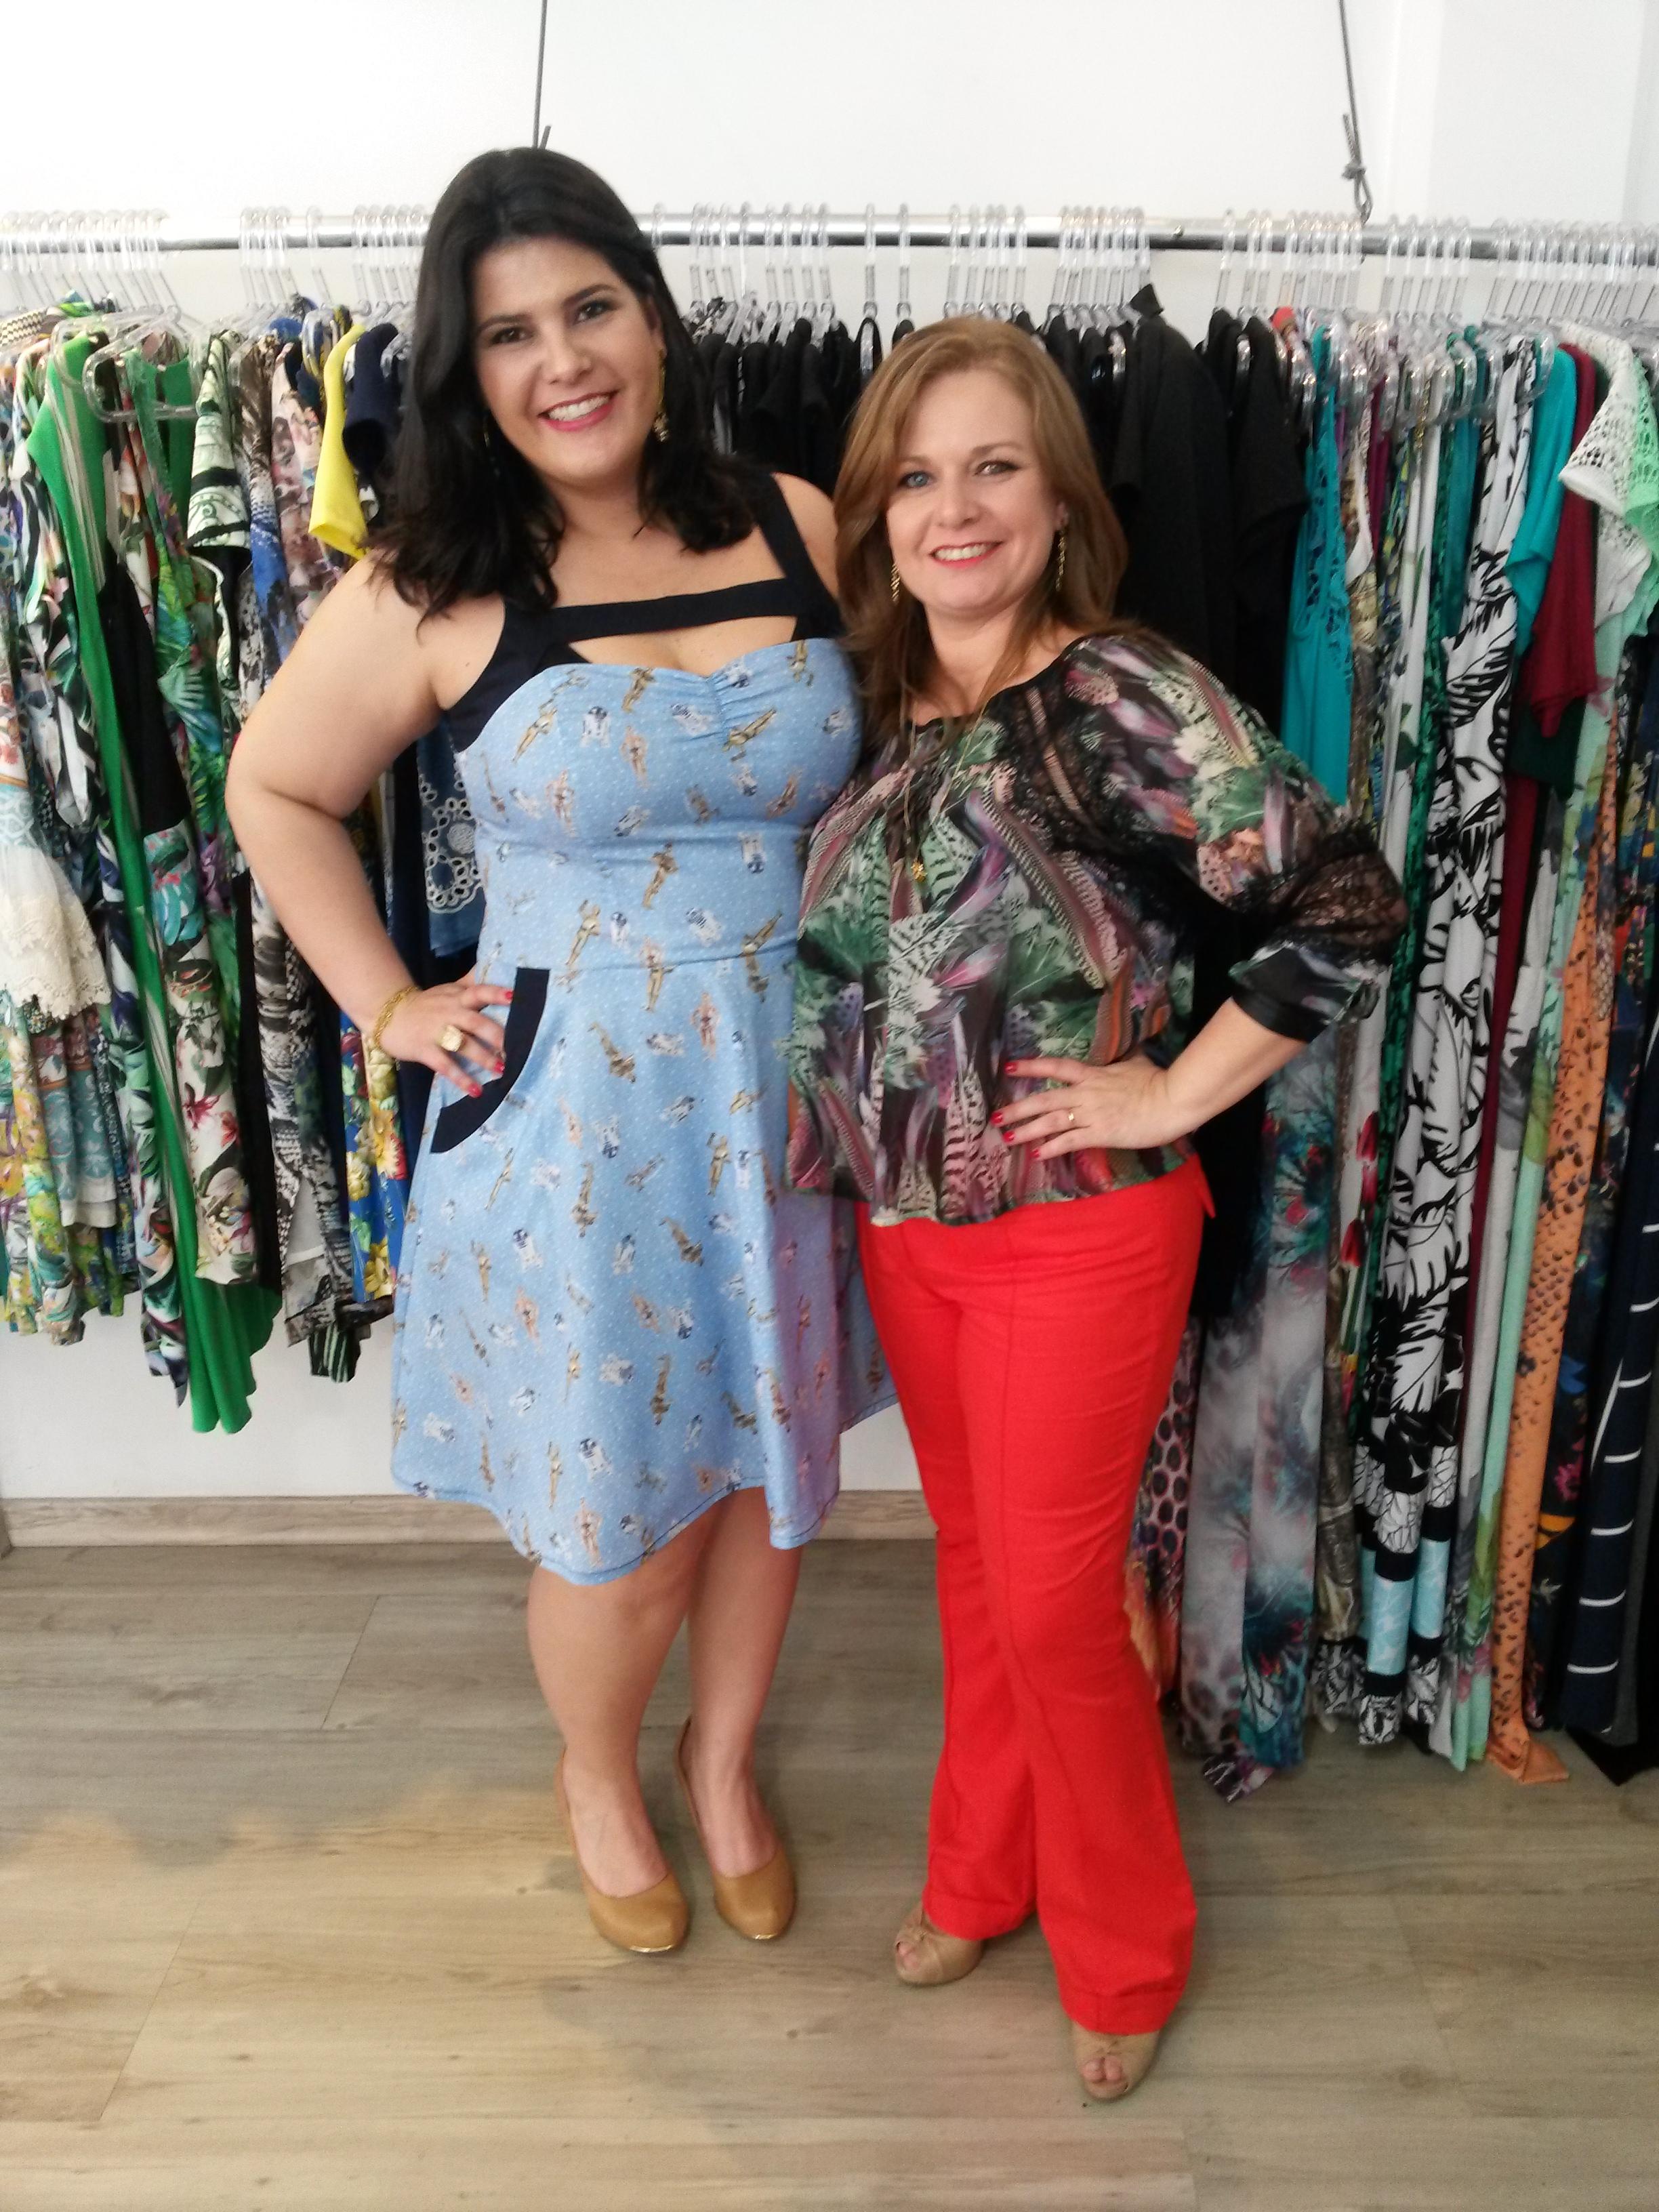 a693f4860347 ... e alguns desfiles realizados por mim e pela cliente e nossa modelo  Barbara Lamera, por fim brandamos o sucesso do coquetel com tantas roupas  lindas!